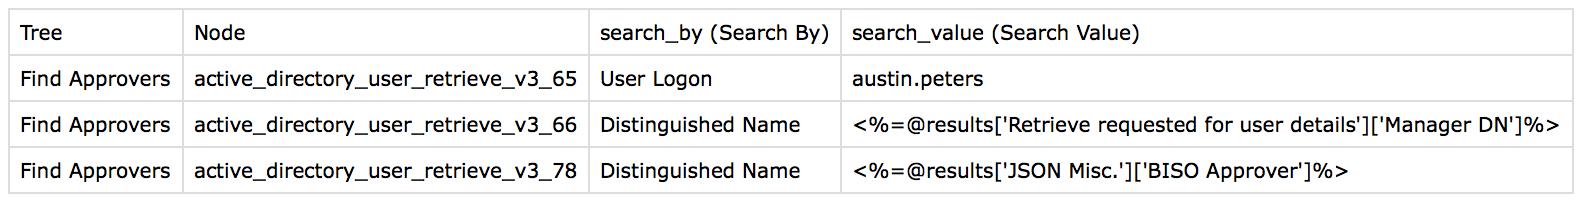 parameter-value-reporter csv